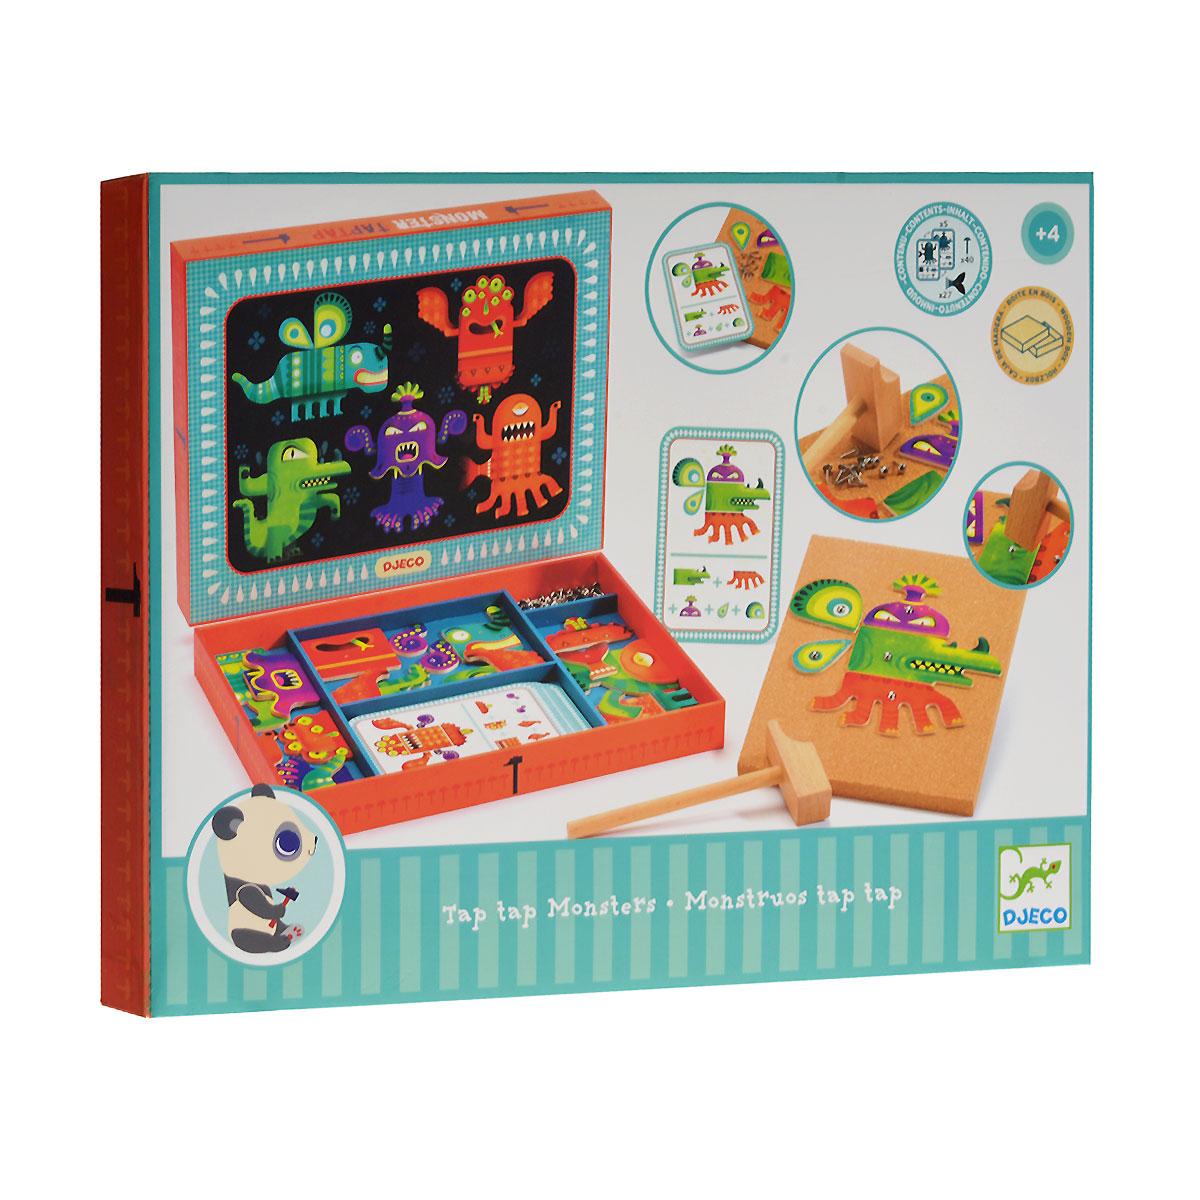 Djeco Конструктор Tap Tap Monsters06640Игровой набор-конструктор Djeco Tap Tap Monsters станет увлекательным развлечением для каждого ребенка, ведь он сможет собрать забавного монстрика, которого совсем не будет бояться. В набор входят основа, на которой будет собираться монстр, деревянные элементы с изображениями фрагментов 5 разных монстров, 5 двусторонних карточек с изображениями возможных вариантов монстров, металлические гвоздики и деревянный молоток. С помощью элементов набора малыш сможет создать забавных монстров согласно изображениям на карточках или проявить творческие способности и придумать собственный вариант. В элементах конструктора имеются дырочки для гвоздиков. Выбрав нужные элементы, осторожно приколотите их к основе - и монстрик готов! Гвоздики легко извлекаются из основы, и можно создавать монстриков снова и снова. Конструктор упакован в подарочную коробку. Конструкторы Djeco - увлекательная игра, в процессе которой развивается фантазия и пространственное мышление ребенка,...